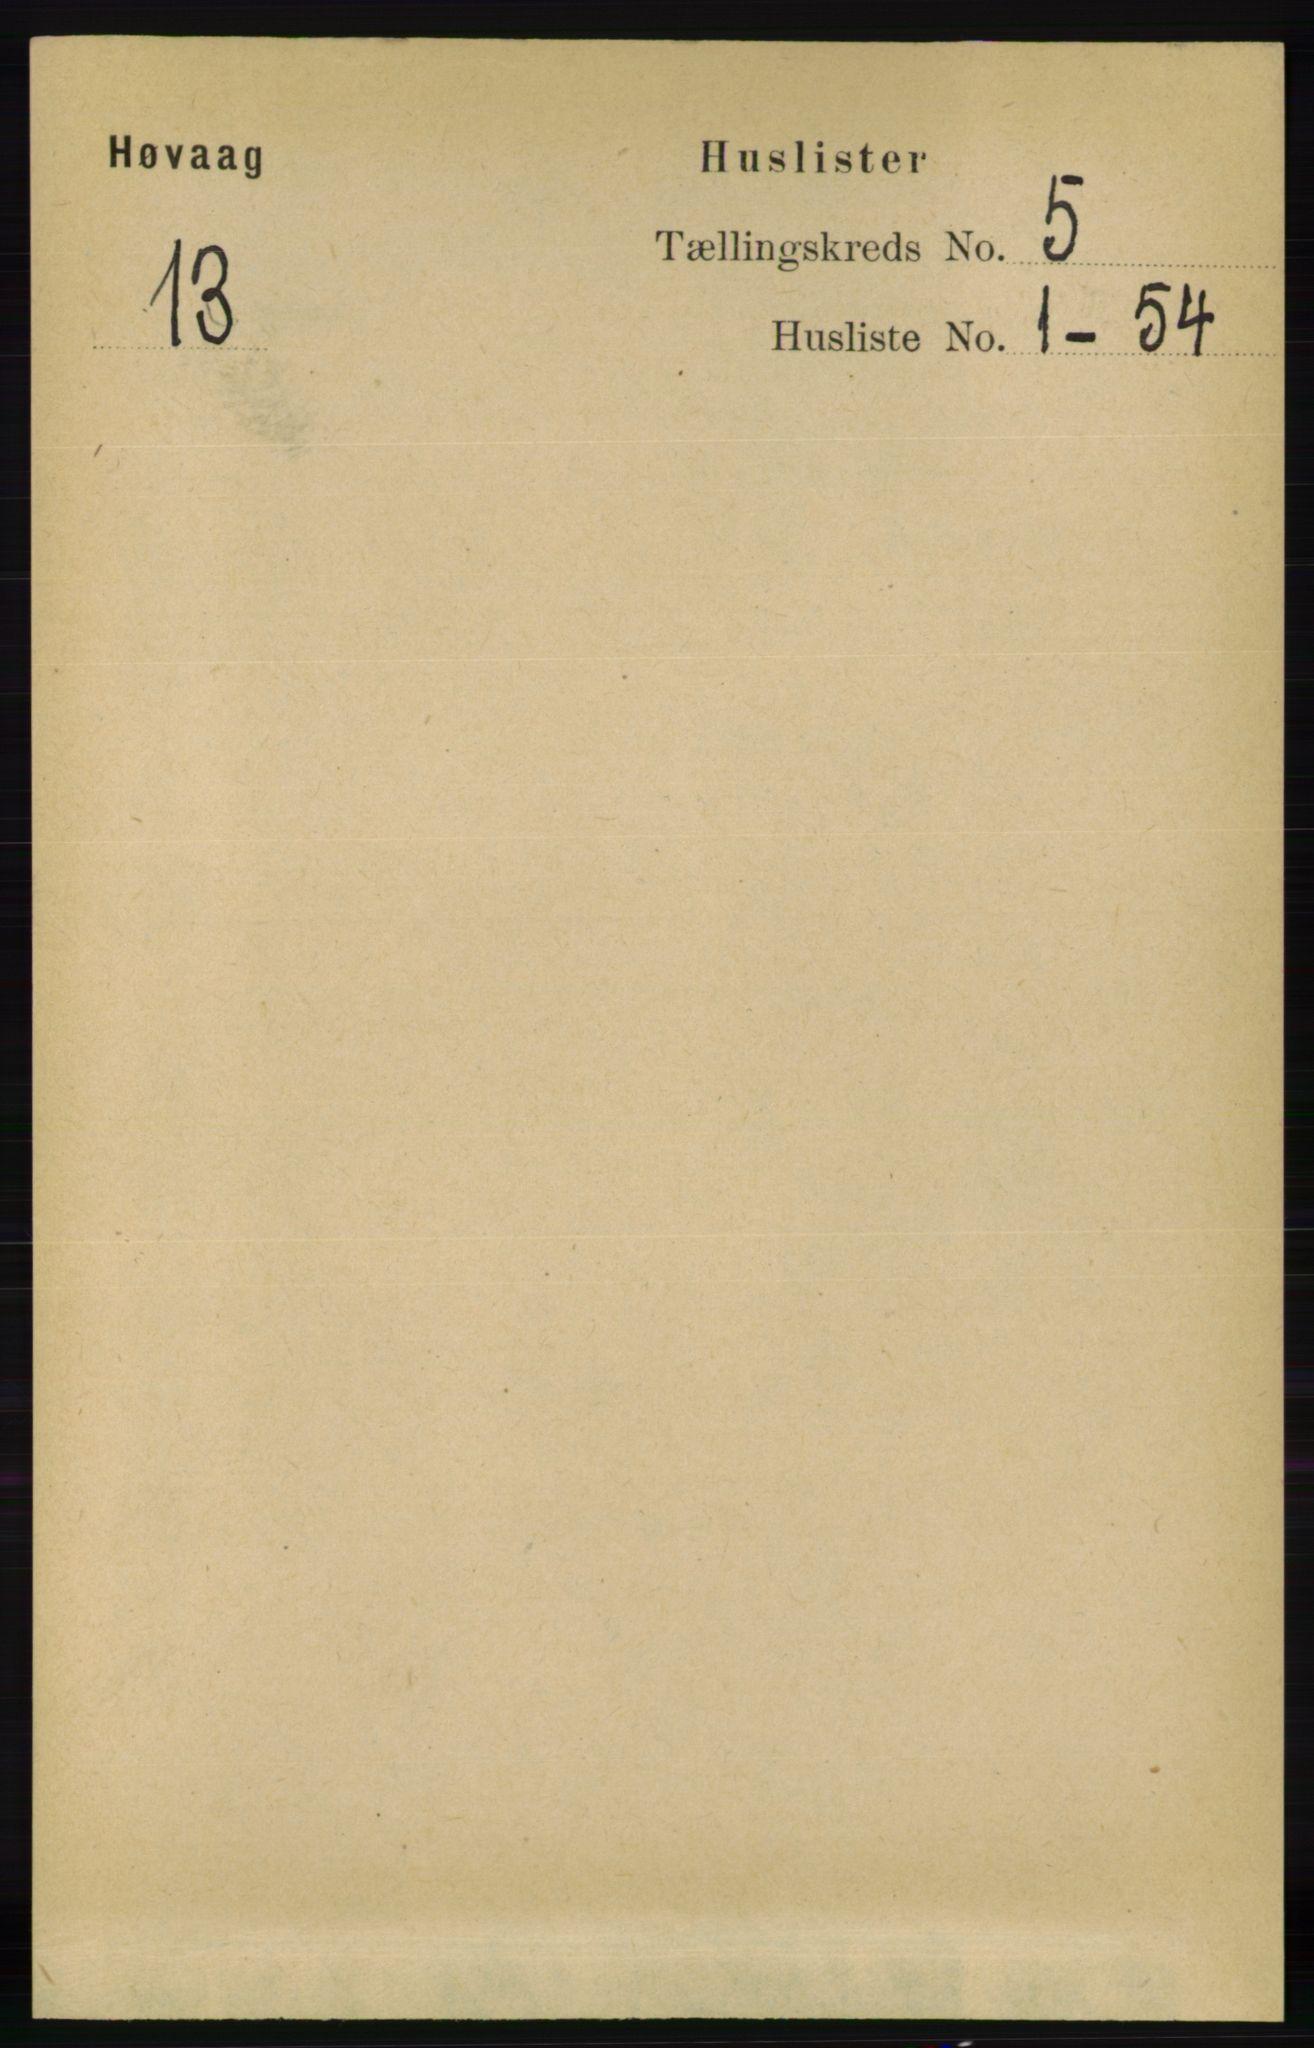 RA, Folketelling 1891 for 0927 Høvåg herred, 1891, s. 1785